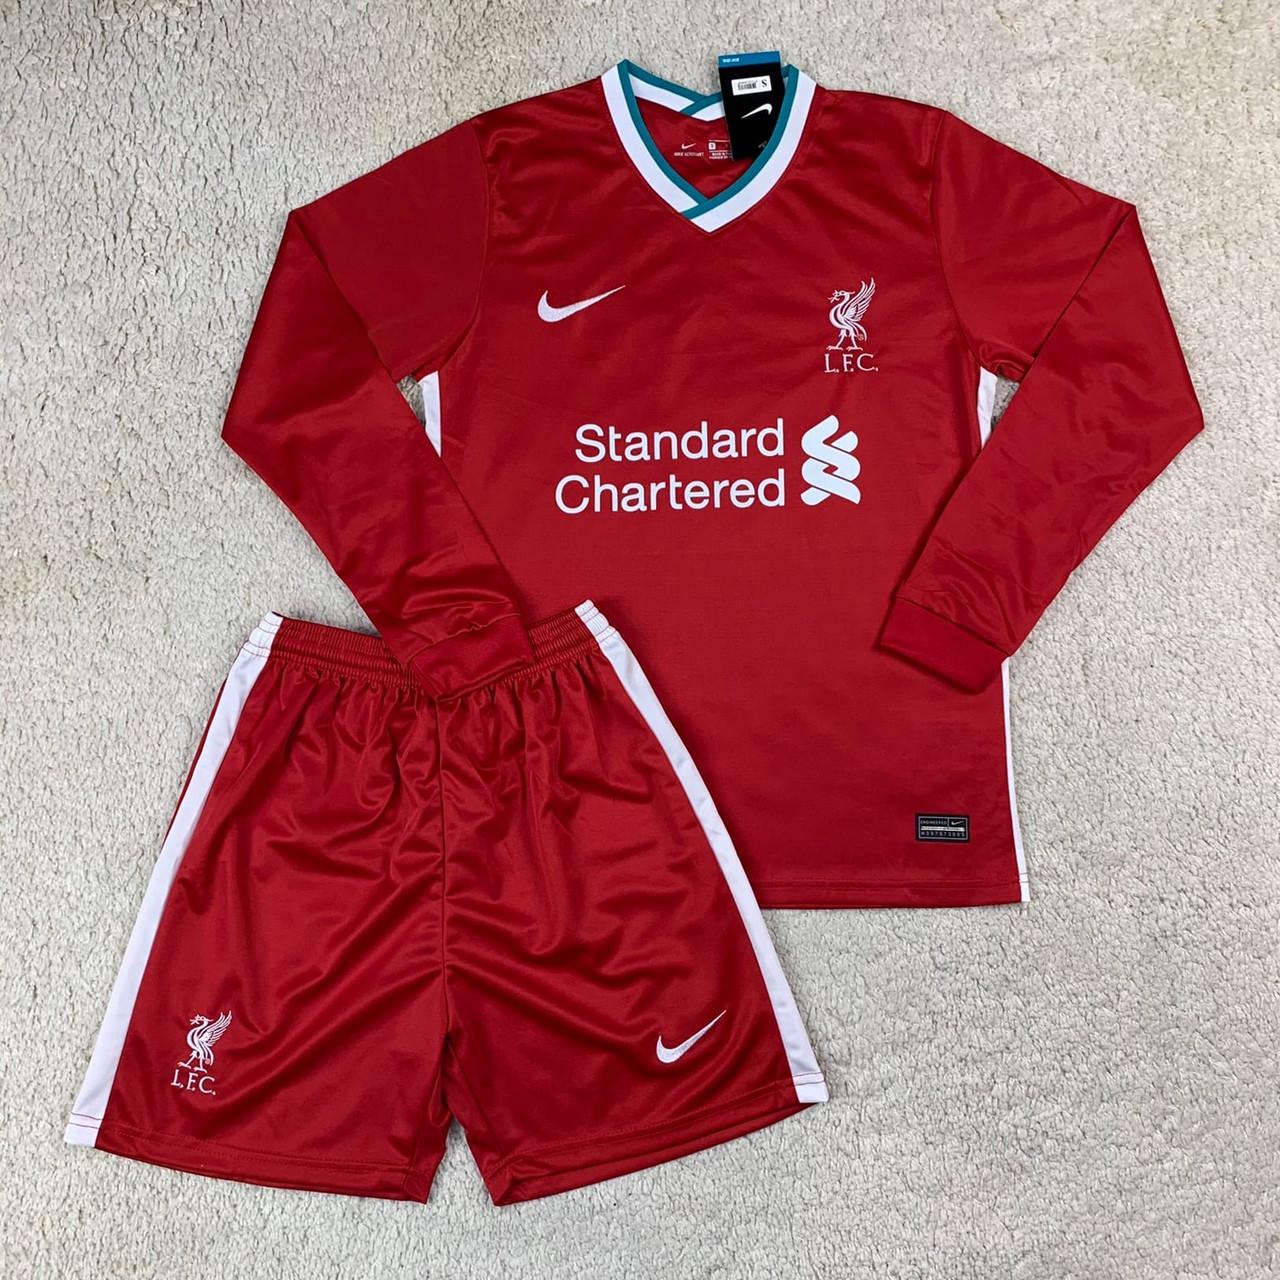 Футбольная форма Ливерпуль/ Liverpool  football uniform 2020-2021 с длинным рукавом